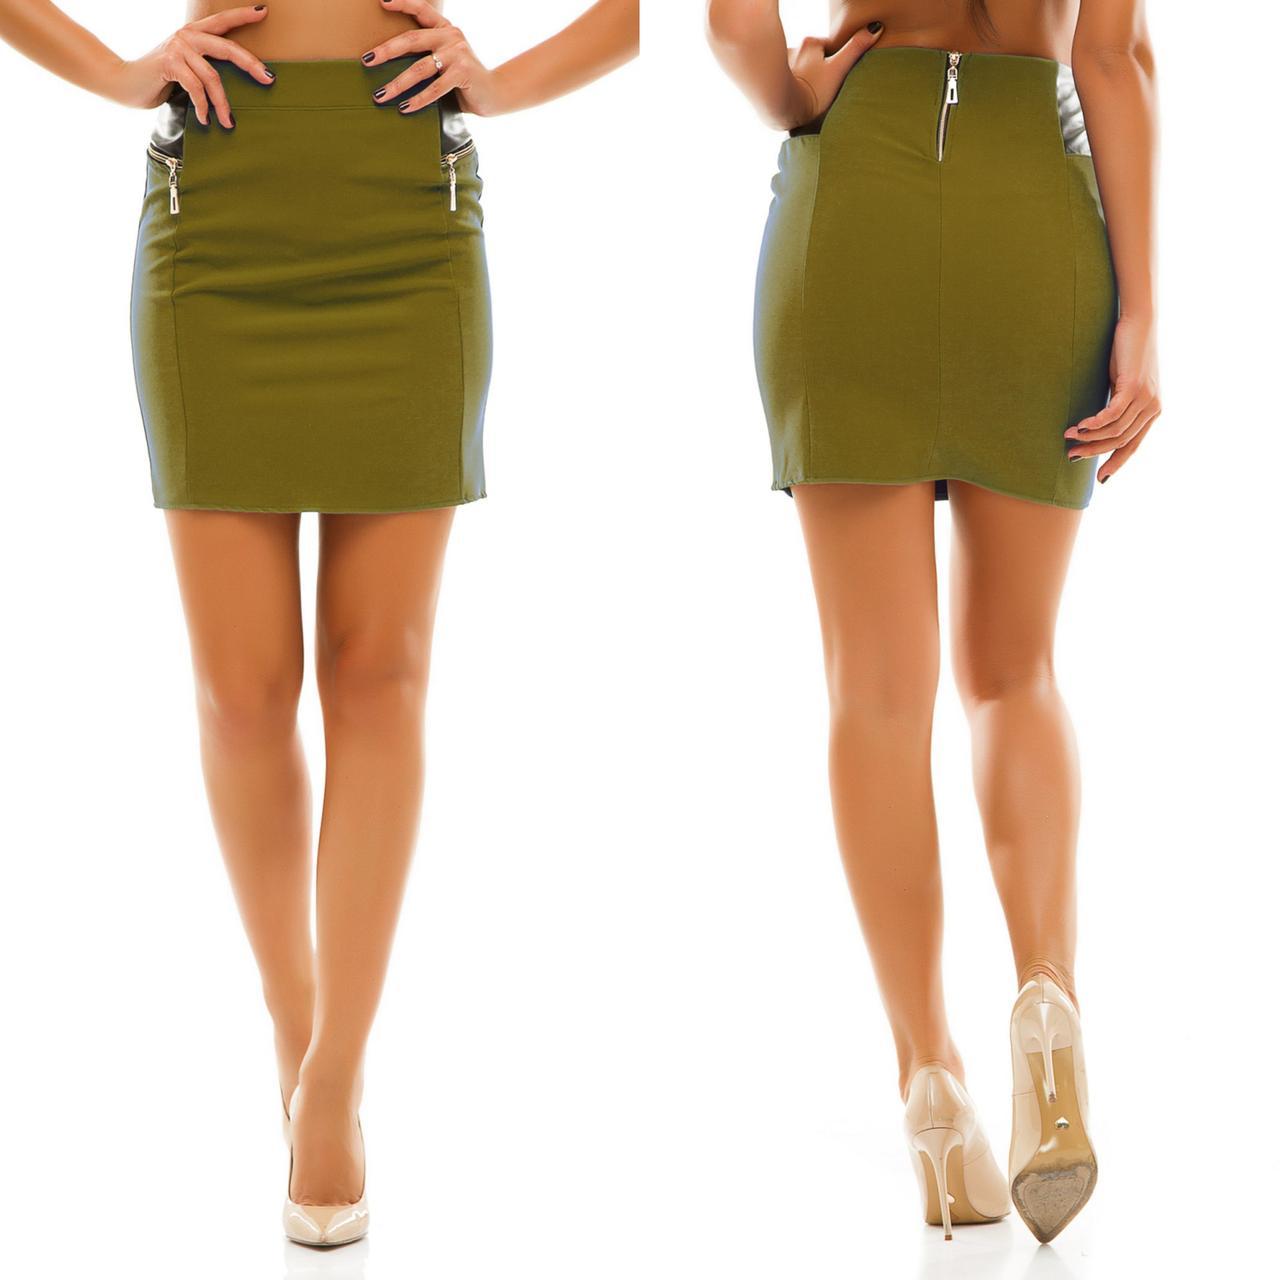 316db0fdca6 Красивая женская мини юбка - Enigma Shop интернет-магазин женской одежды в  Одессе